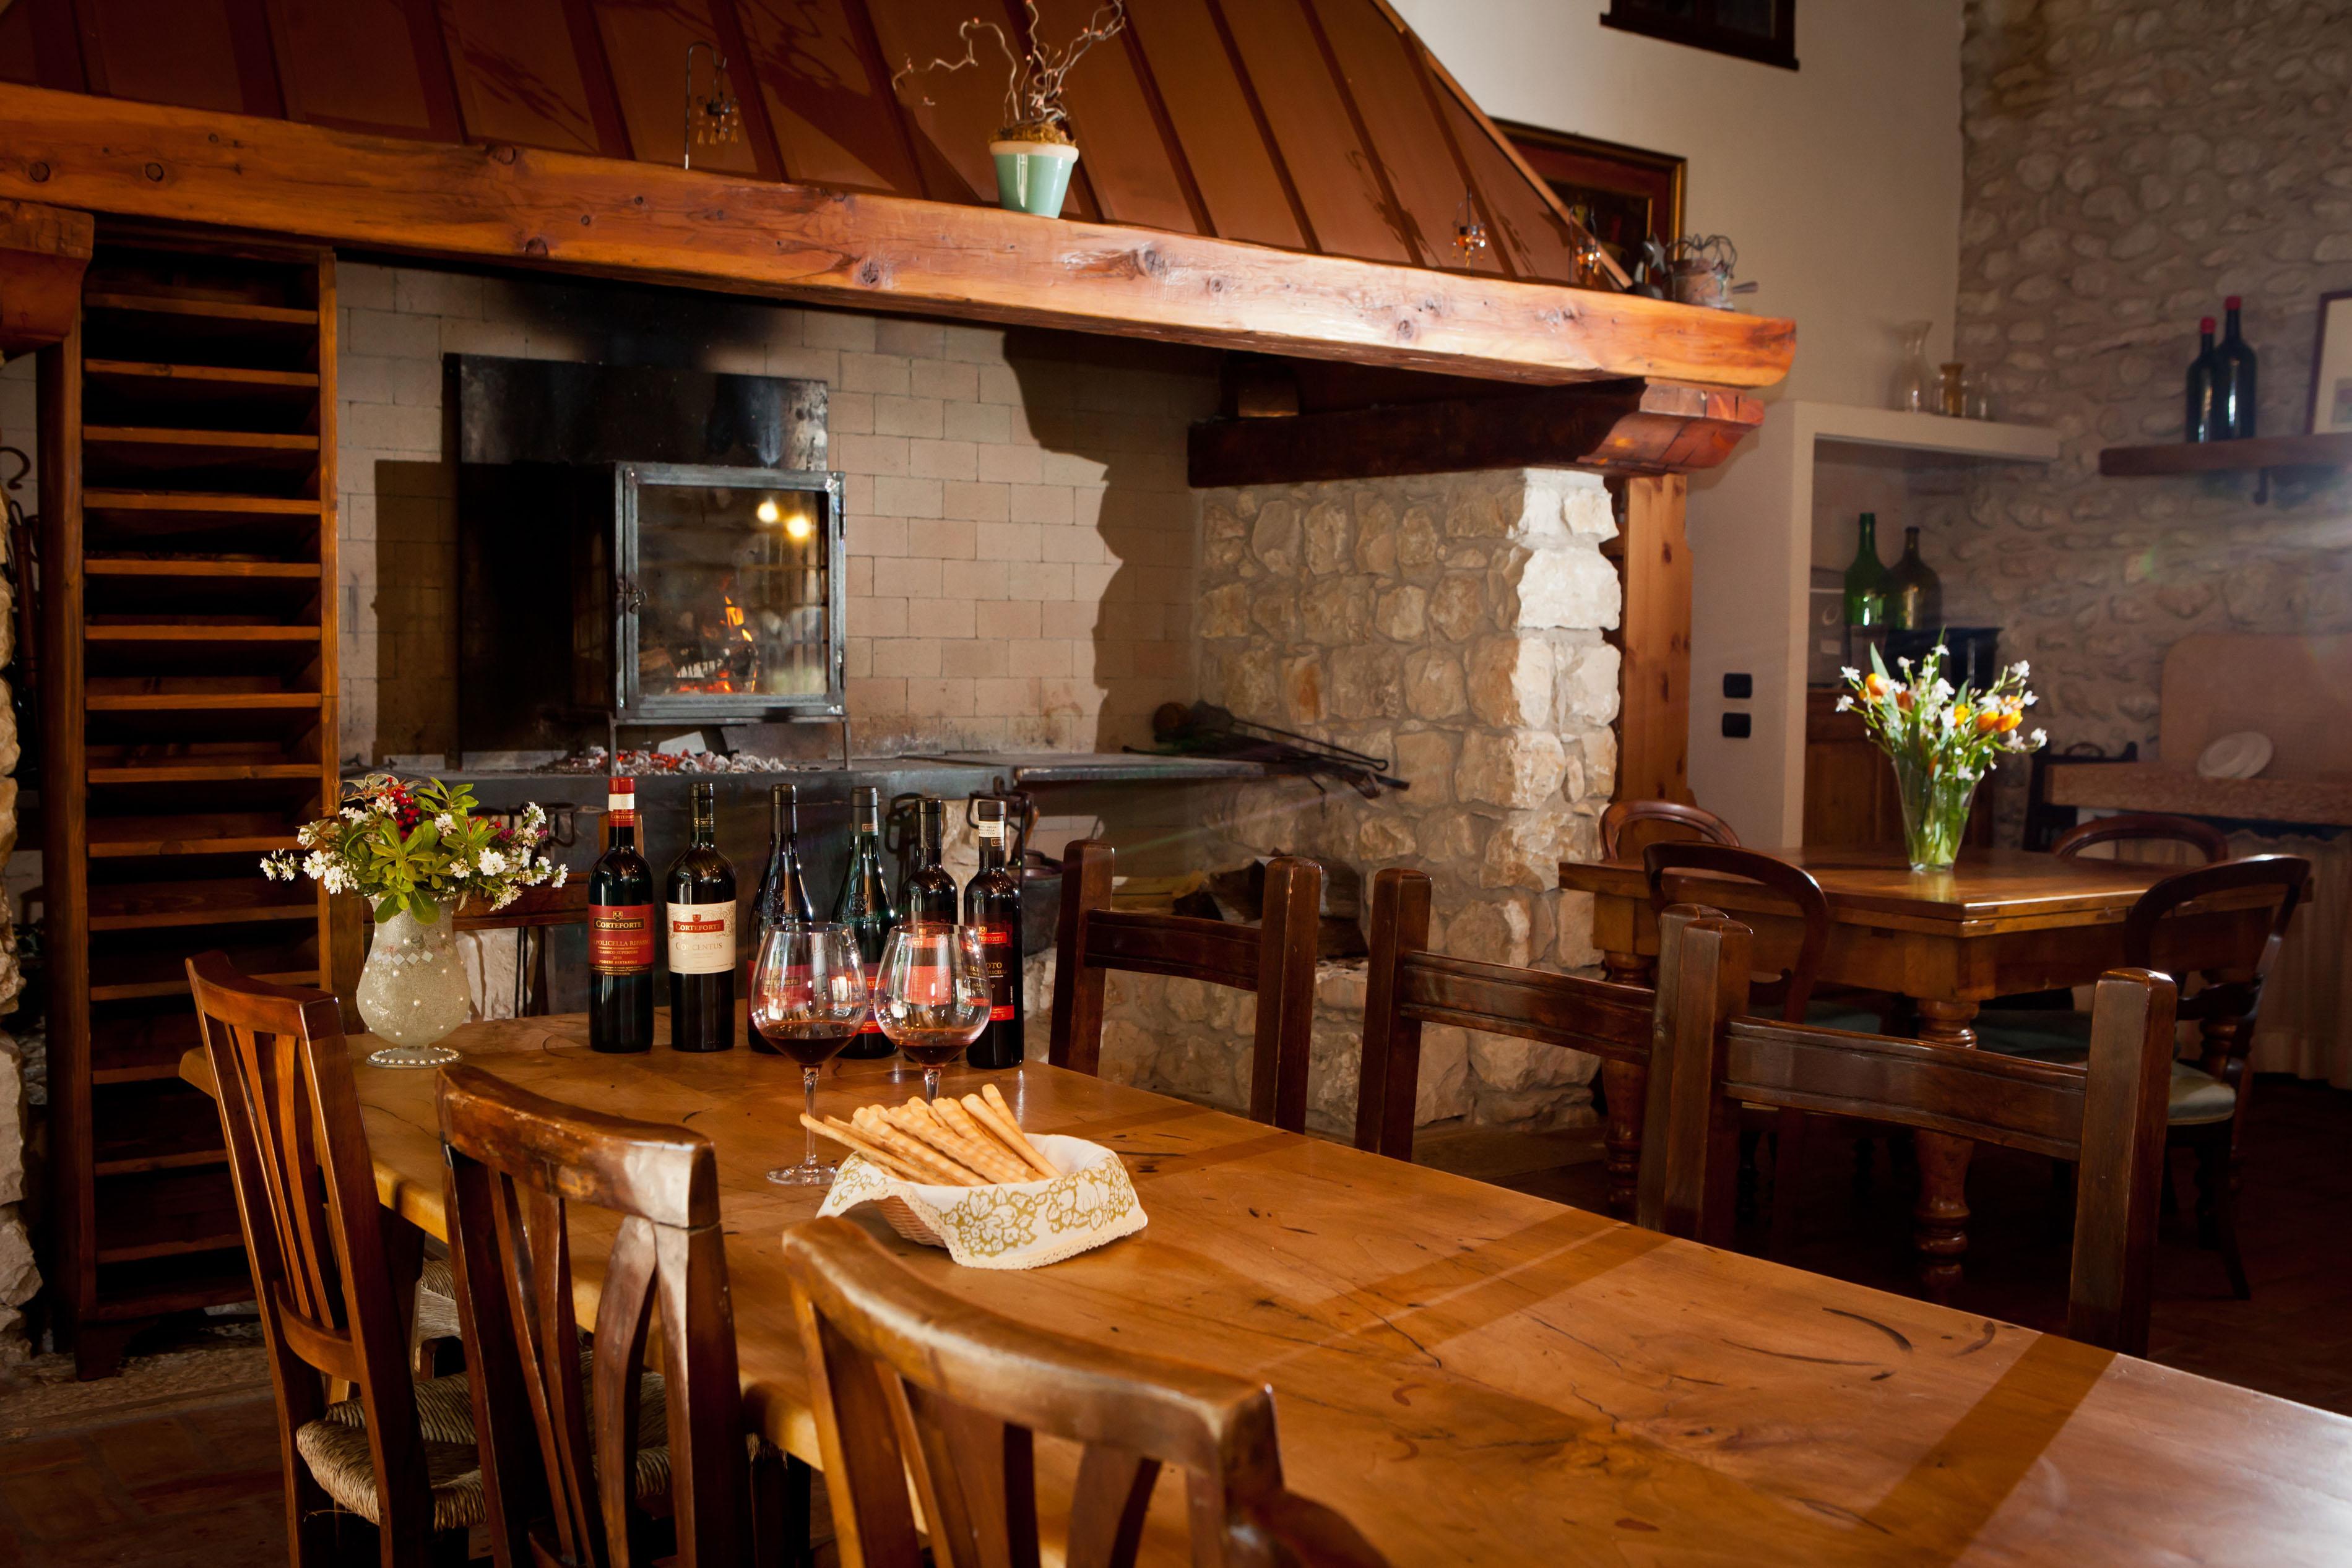 Sala degustazione corteforte cantina e agriturismo dal fascino medievale nel cuore della - Cucine con camino ...